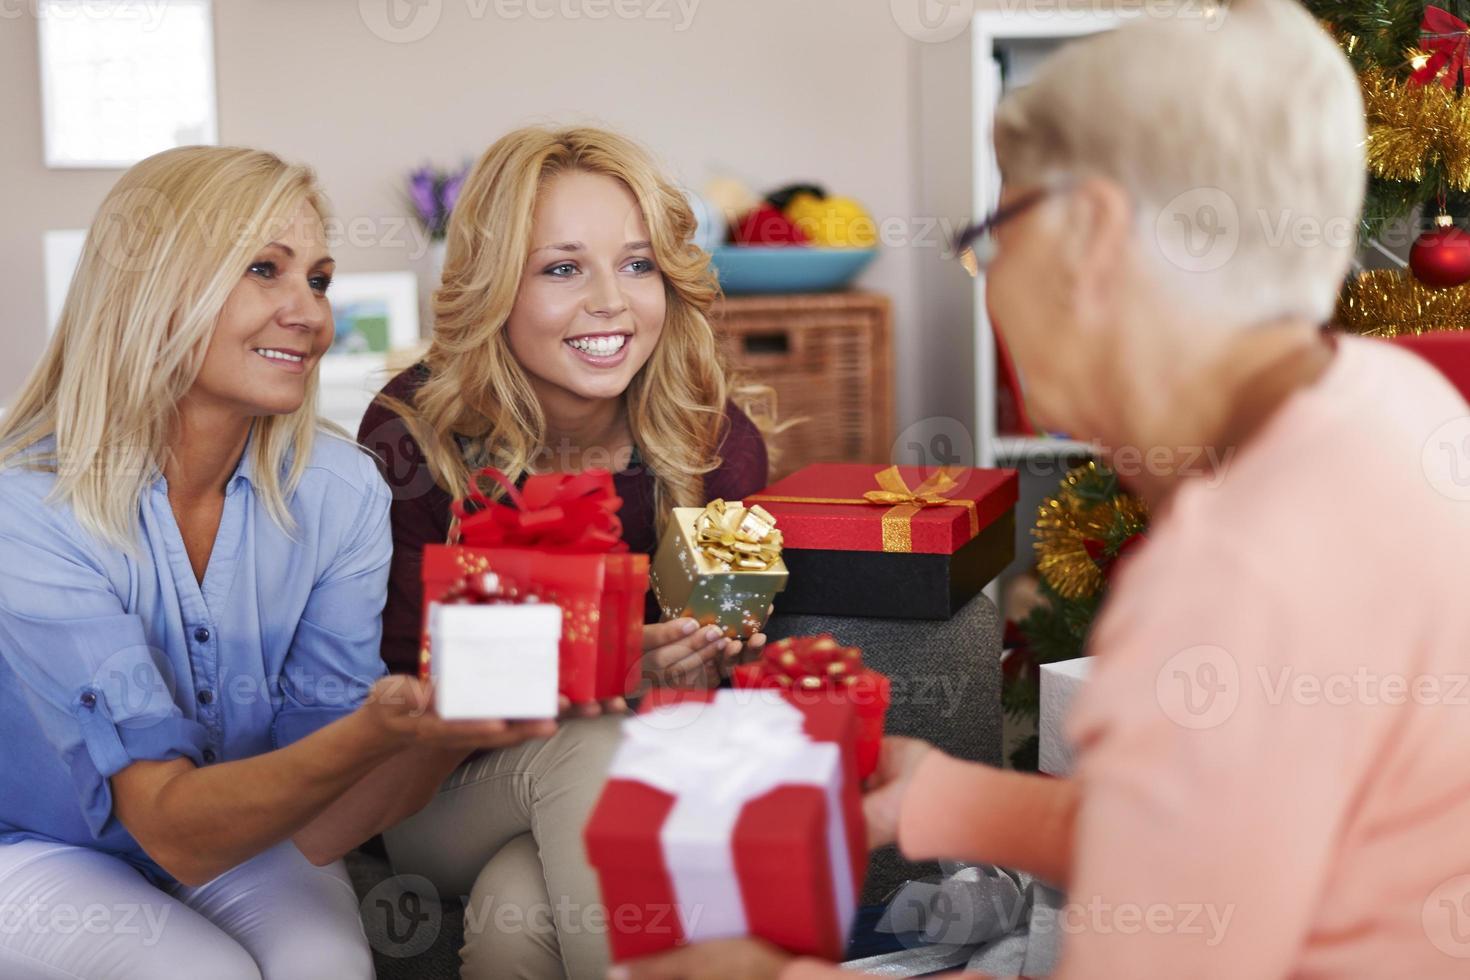 Wir lieben es, ihr in der Weihnachtszeit Freude zu bereiten foto